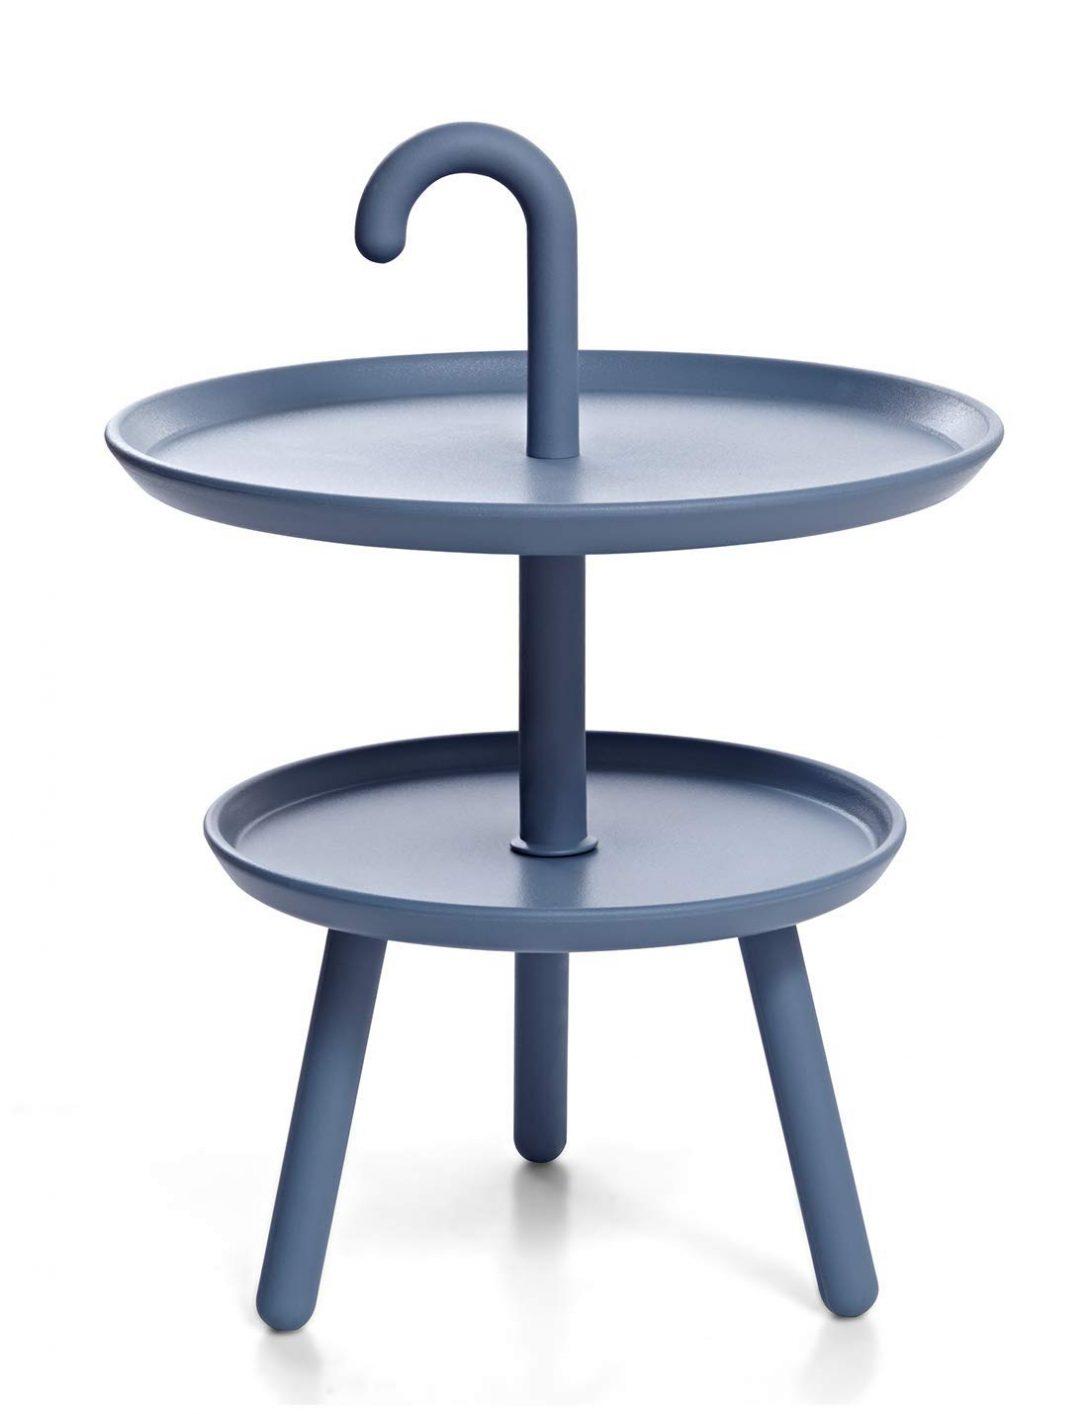 Large Size of Ikea Gartentisch Kleiner Runder Couchtisch Suhu Klein Tisch Rund Genial Betten Bei Miniküche 160x200 Küche Kosten Kaufen Modulküche Sofa Mit Schlaffunktion Wohnzimmer Ikea Gartentisch